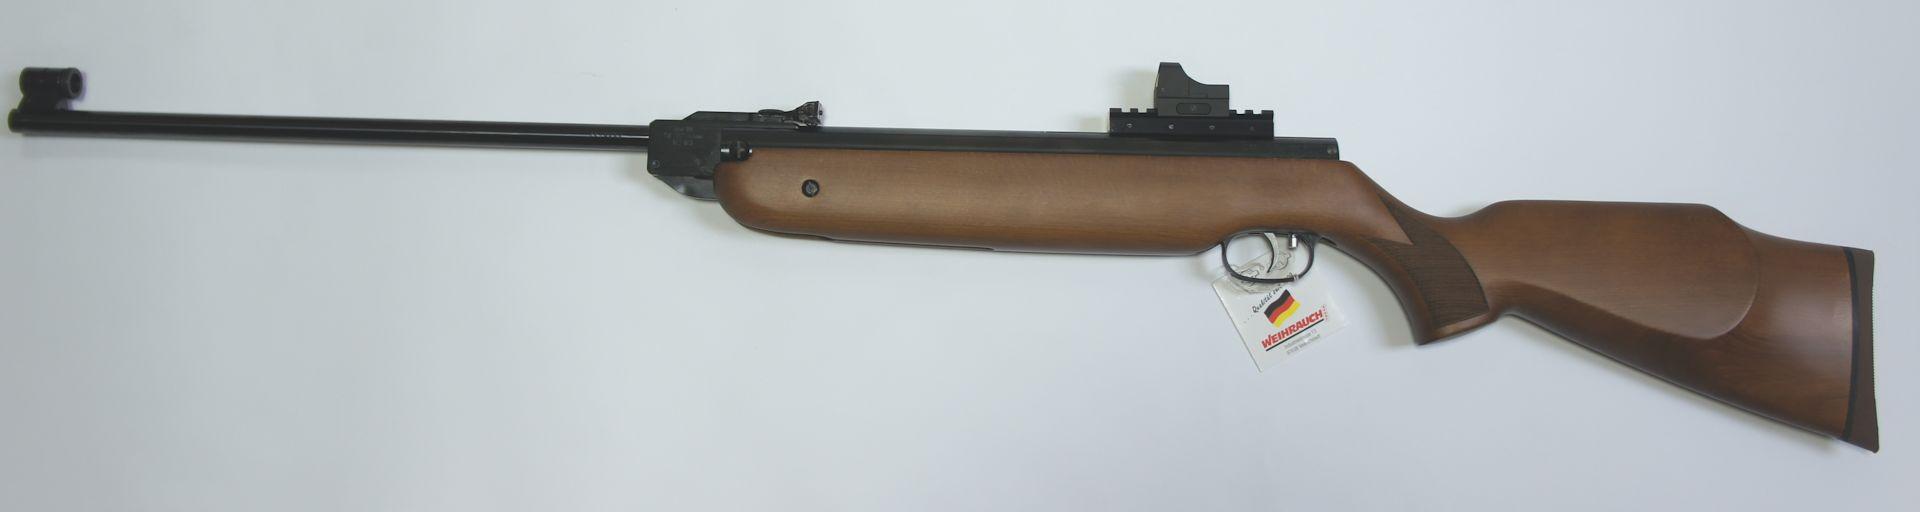 Dieser Schalldämpfer würde beispielsweise an ein<a href=116 409.htm>Luftgewehr HW 80 </a>passen